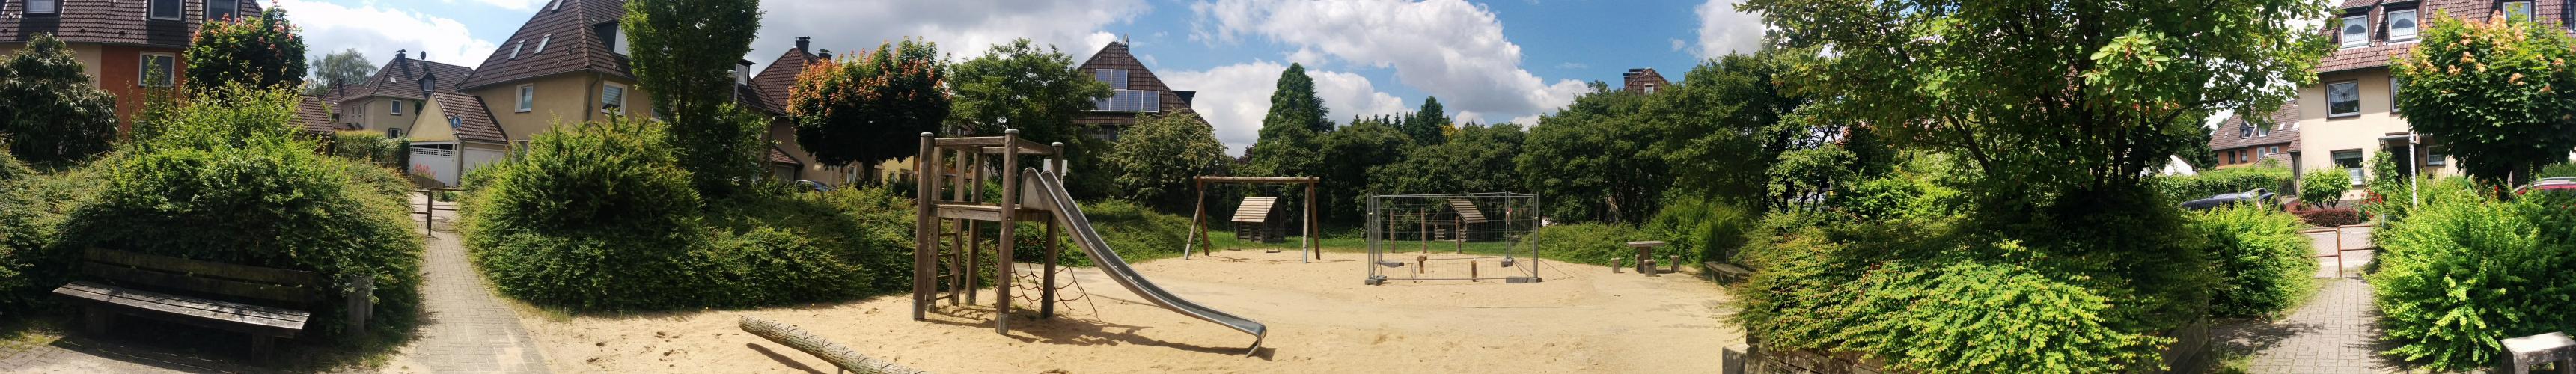 Spielplatz Konrad-Steiler-Str. Mülheim an der Ruhr - Panorama 1